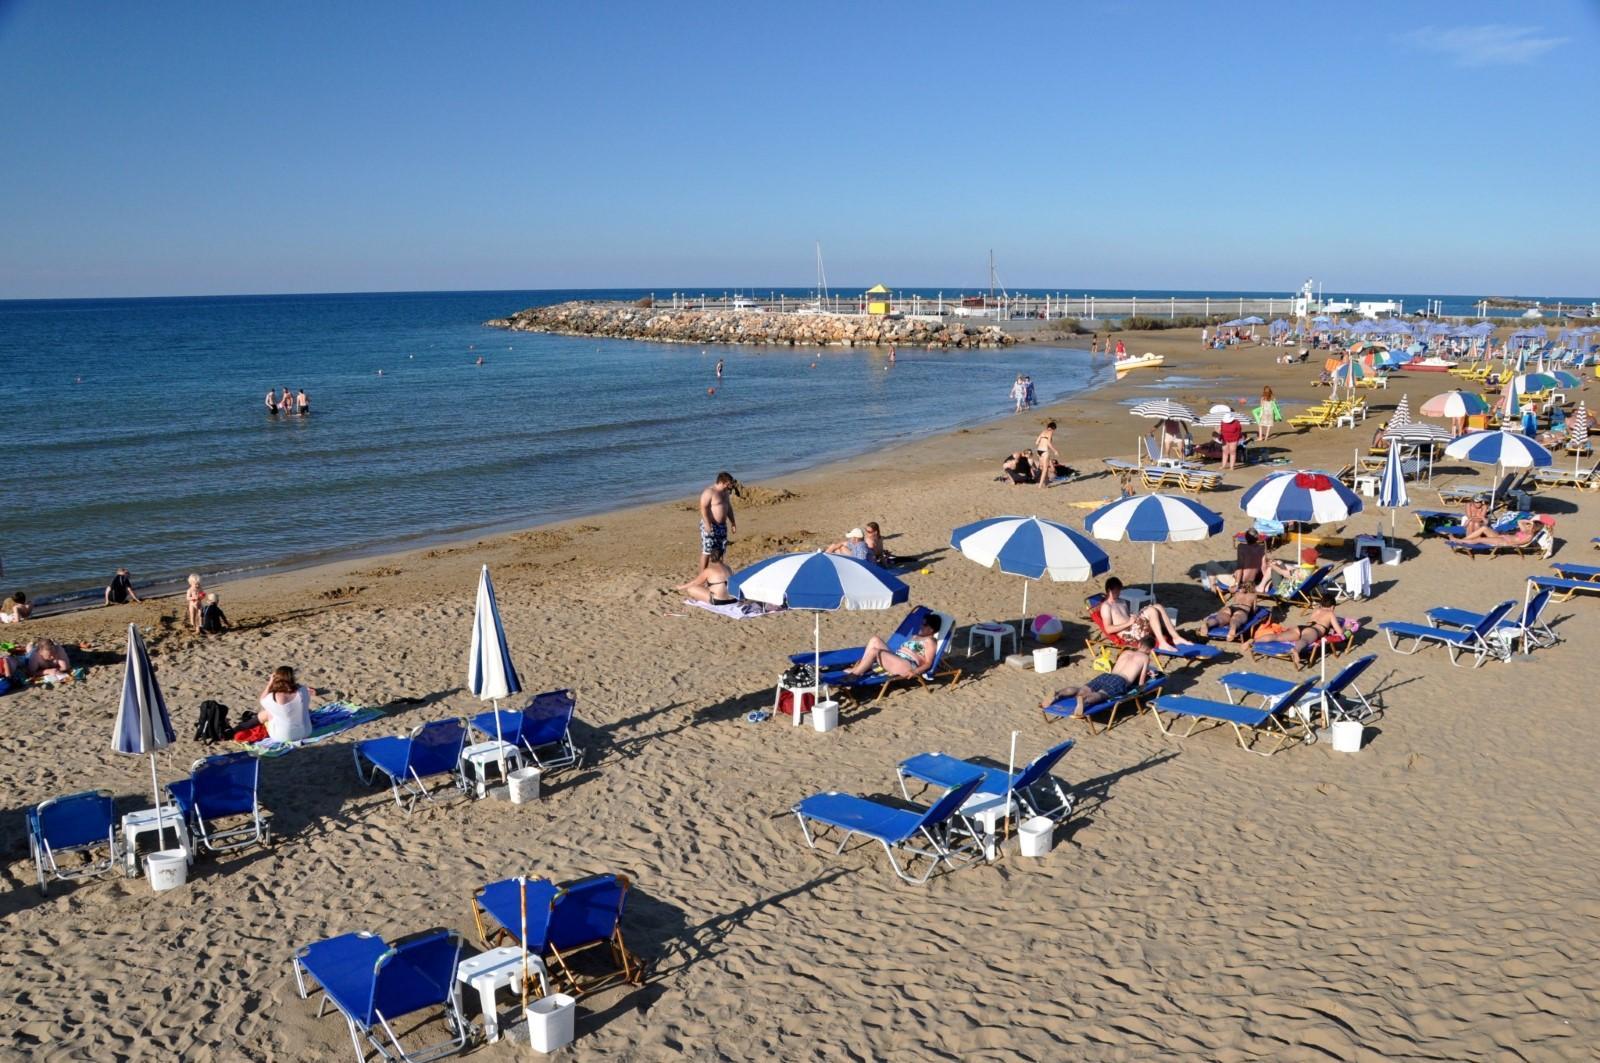 Gouves: La spiaggia di Gournes si trova presso il villaggio omonimo, a 17 Km da Heraklion